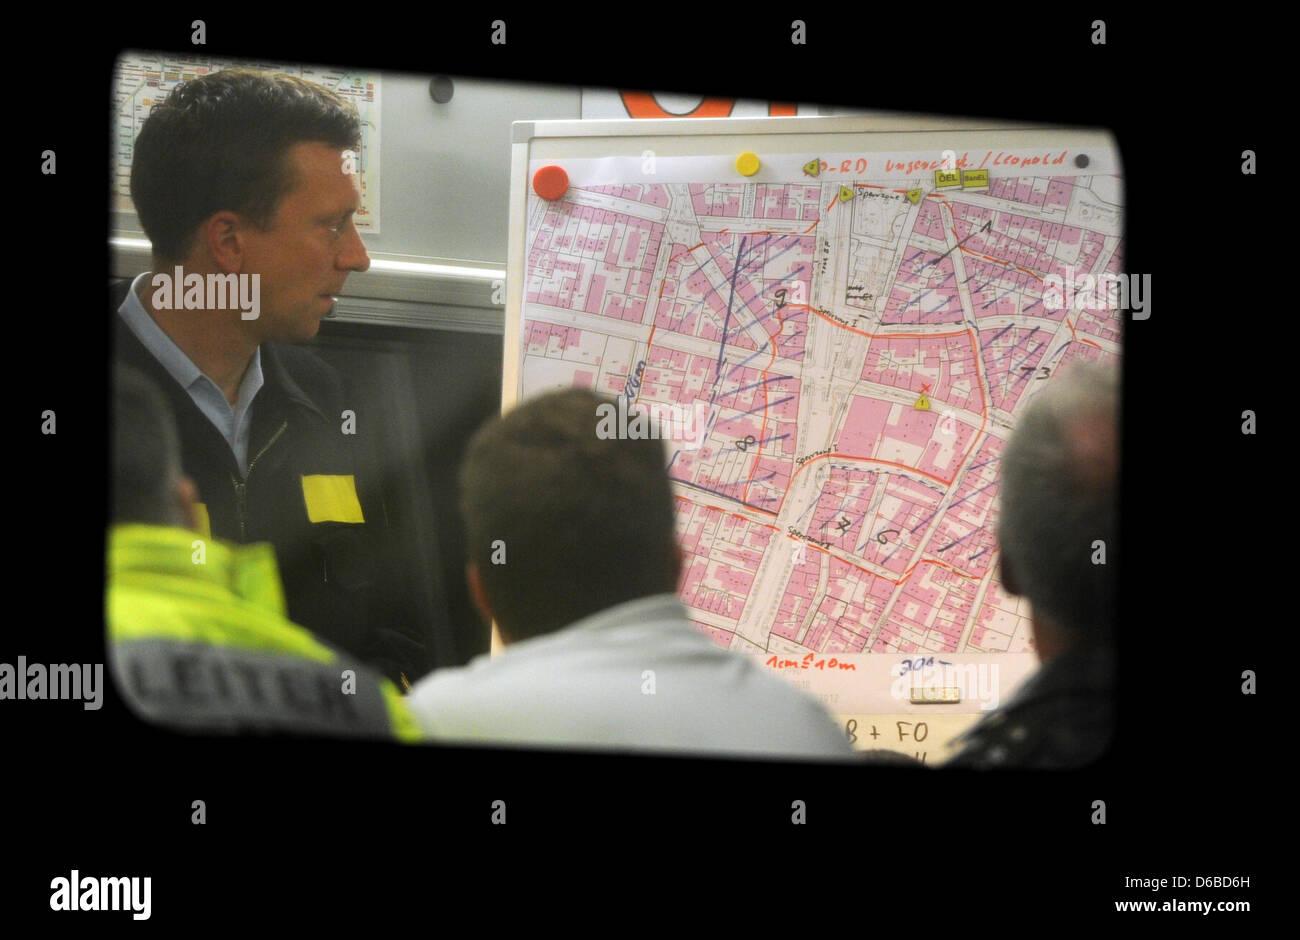 Acción obliga a planificar su funcionamiento después de una bomba de 250 kg había sido descubierto en Munich, Alemania, a comienzos del 28 de agosto de 2012. El dud se encontró durante las obras de construcción de los locales de un antiguo pub causando alrededor de 2.500 personas a evacuar sus hogares. Foto: Marc Mueller Foto de stock